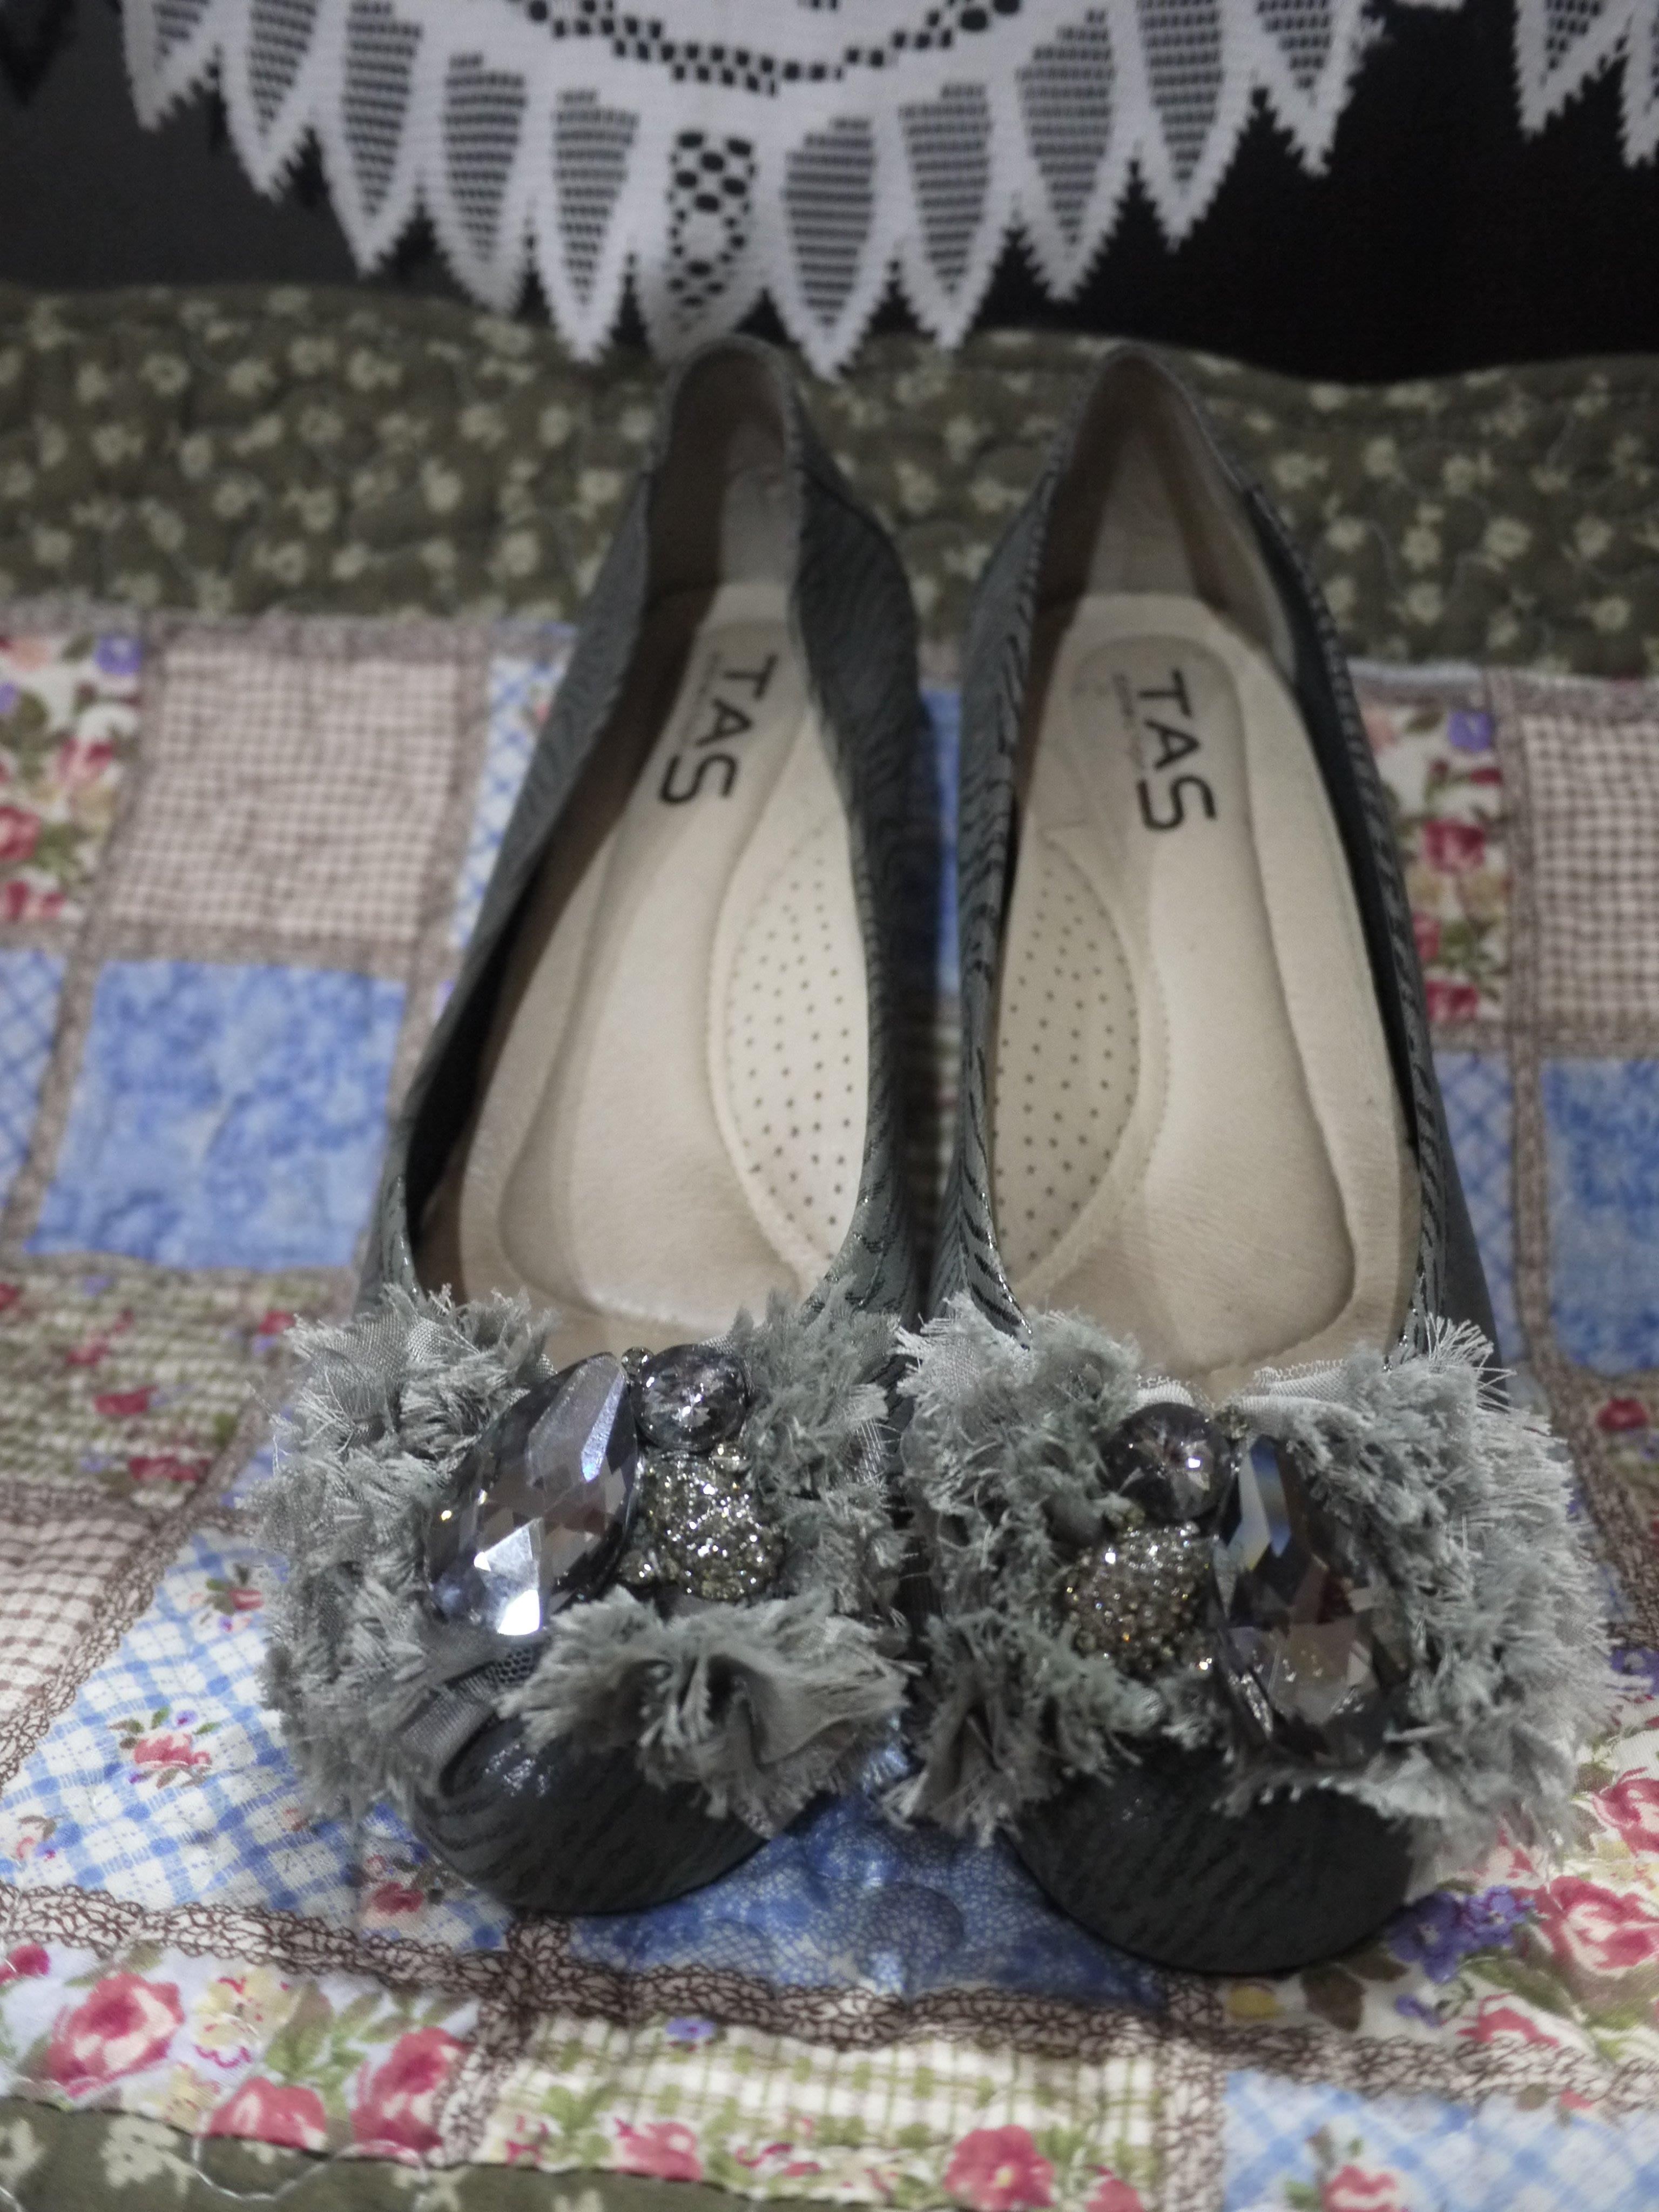 TAS寶石鑽飾蕾絲楔型鞋, 跟高4公分, 尺寸:25號, 楔型鞋款, 近九成新(另有1991, MAGY...)